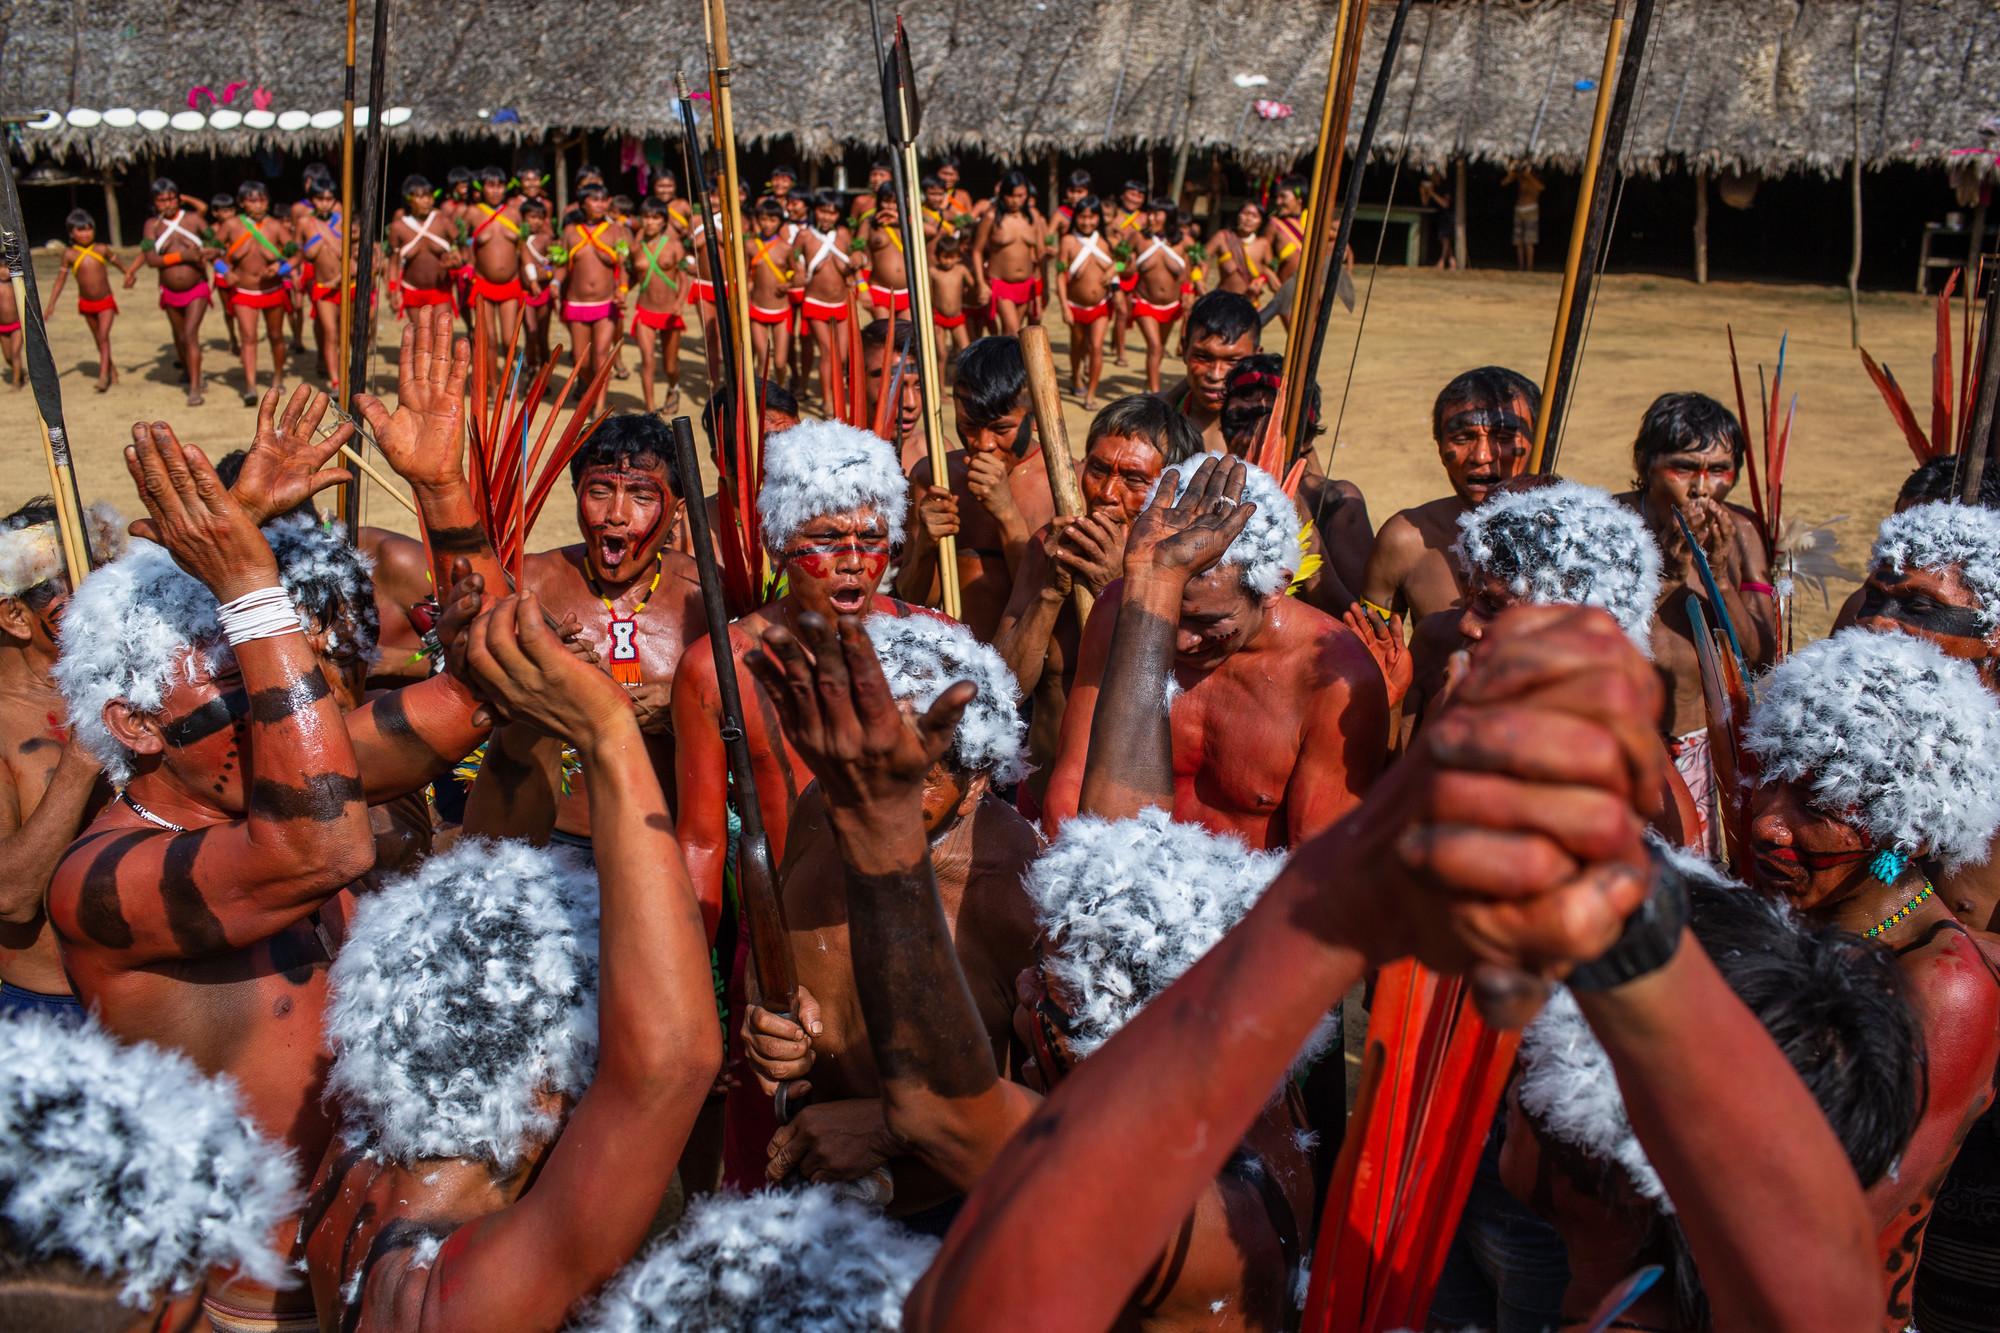 Os Yanomami no encontro de Lideranças Yanomami e Ye'kuana, onde os indígenas se manifestaram contra o garimpo em suas terras. O primeiro fórum de lideranças da TI Yanomami foi realizado entre 20 e 23 de novembro de 2019 na Comunidade Watoriki, região do Demini, Terra Indígena Yanomami